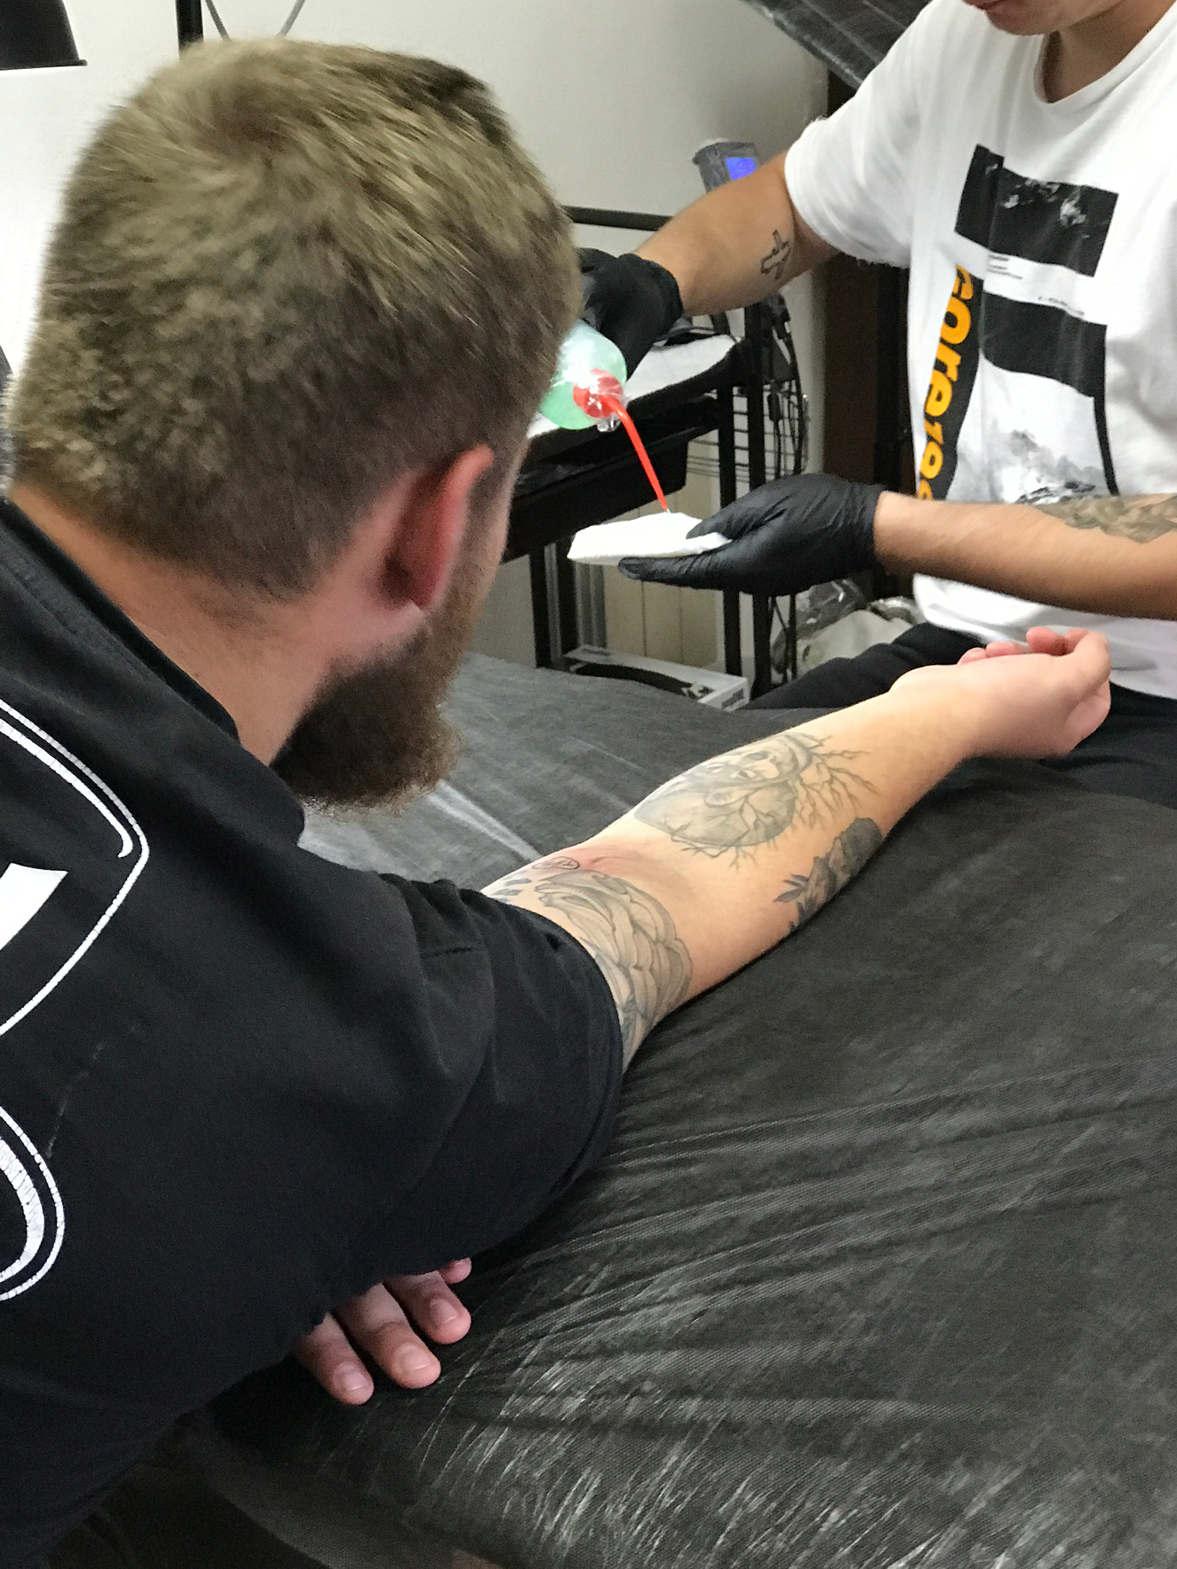 warsaw_nowe_tatuae_ja_nigdy_bym_si_nie_odwaya2635_27_09_2019